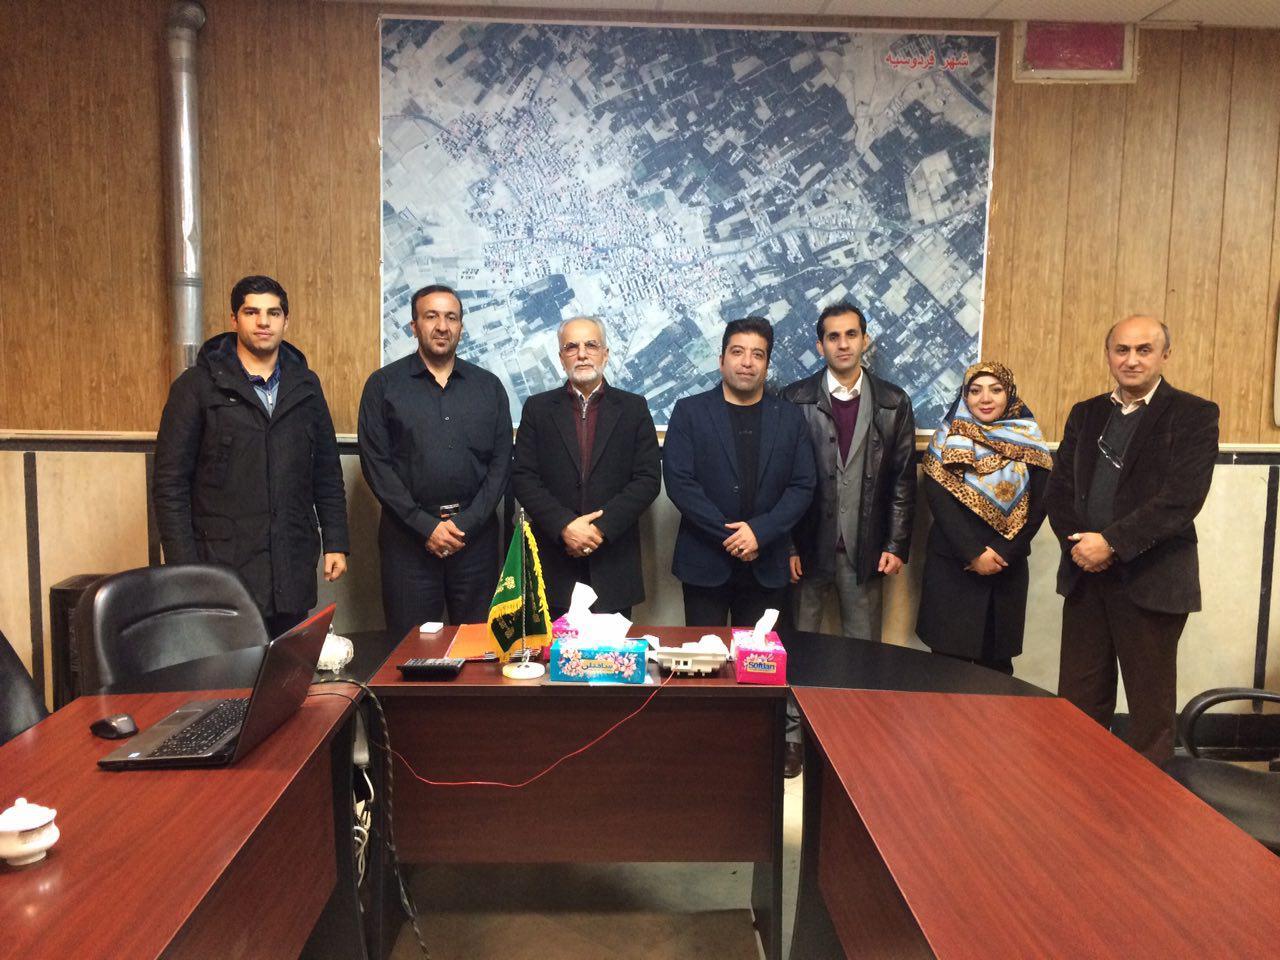 حضور رئیس فدراسیون موتور سواری و اتومبیلرانی در شهر فردوسیه